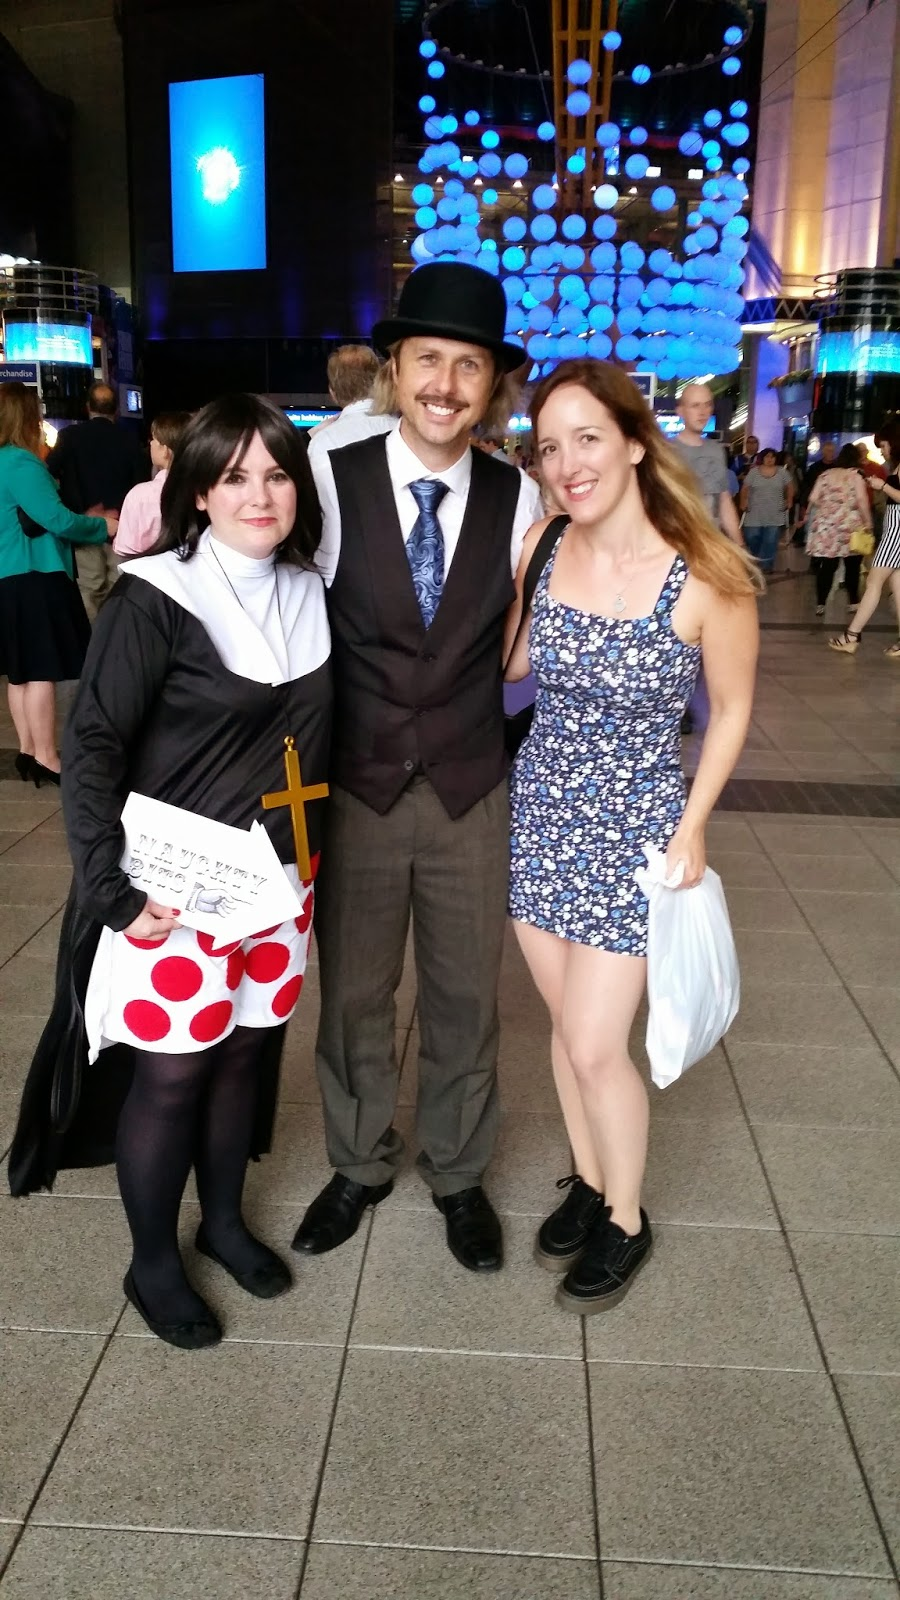 Monty Python fan friends